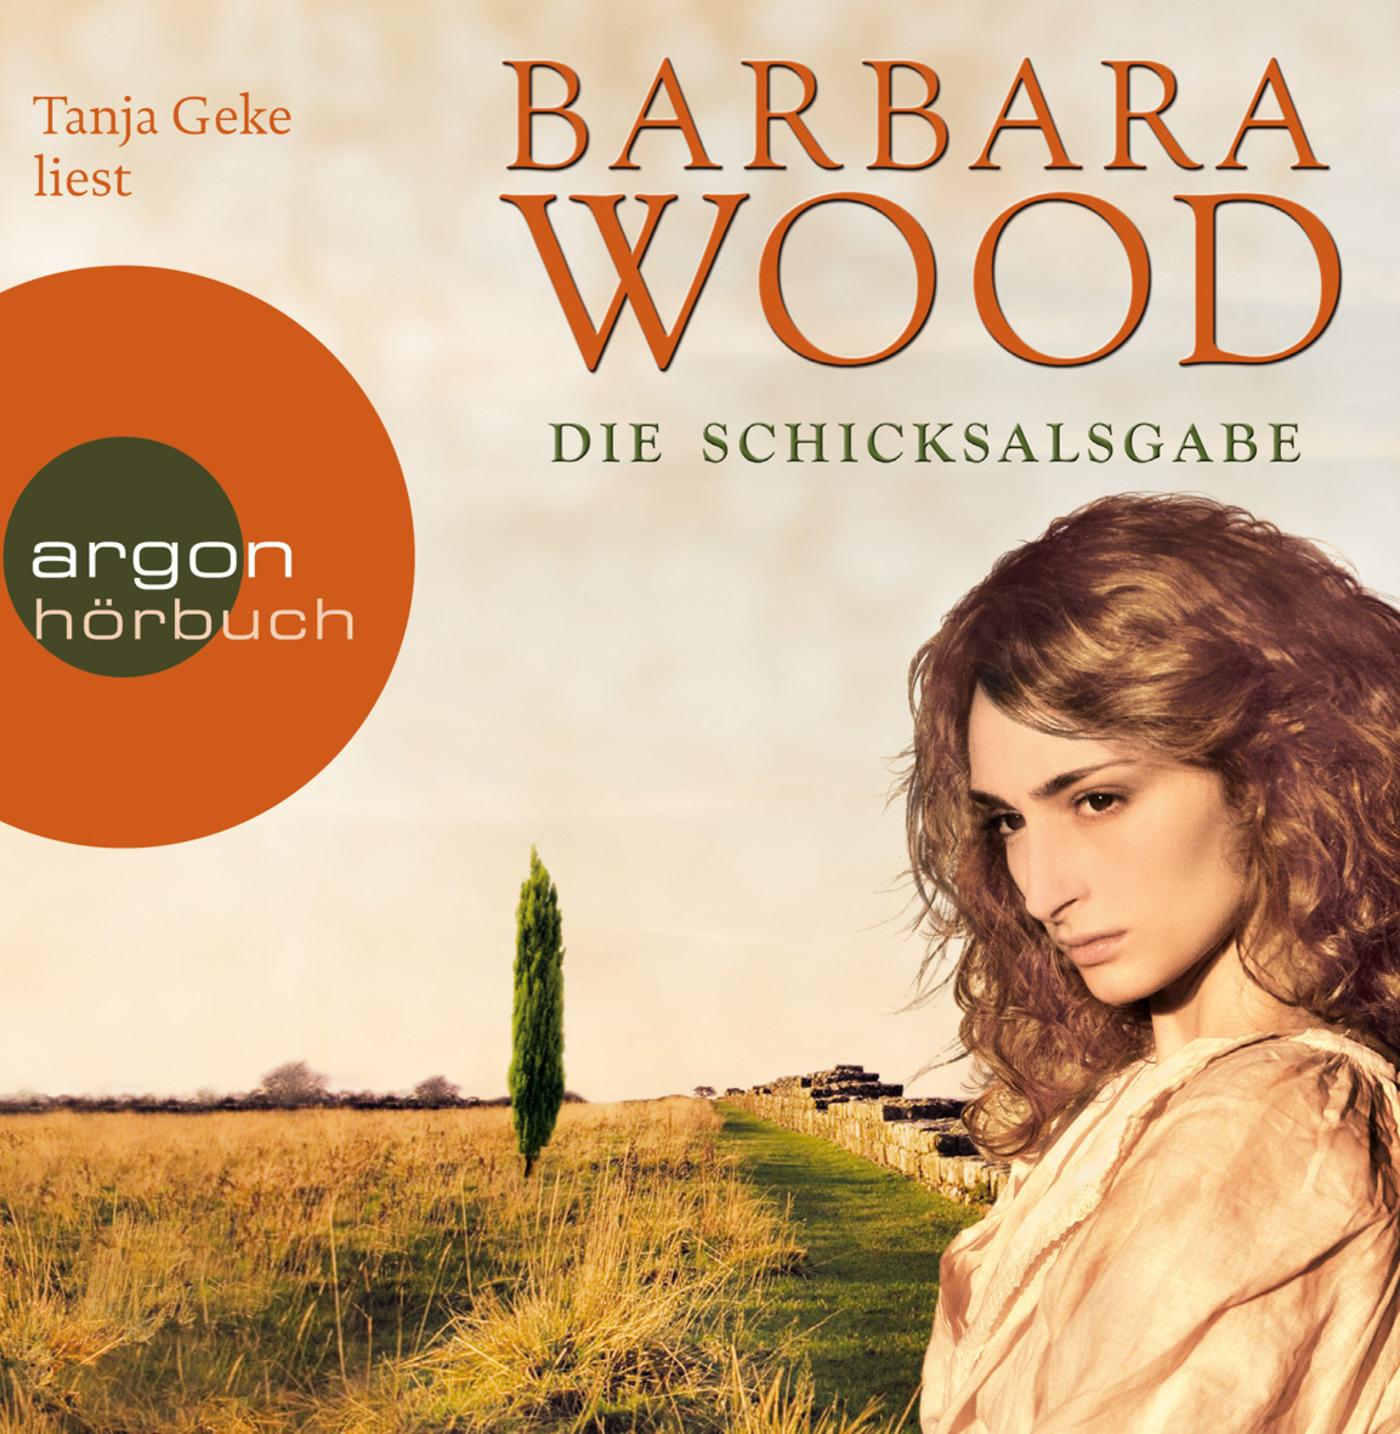 Die Schicksalsgabe Barbara Wood